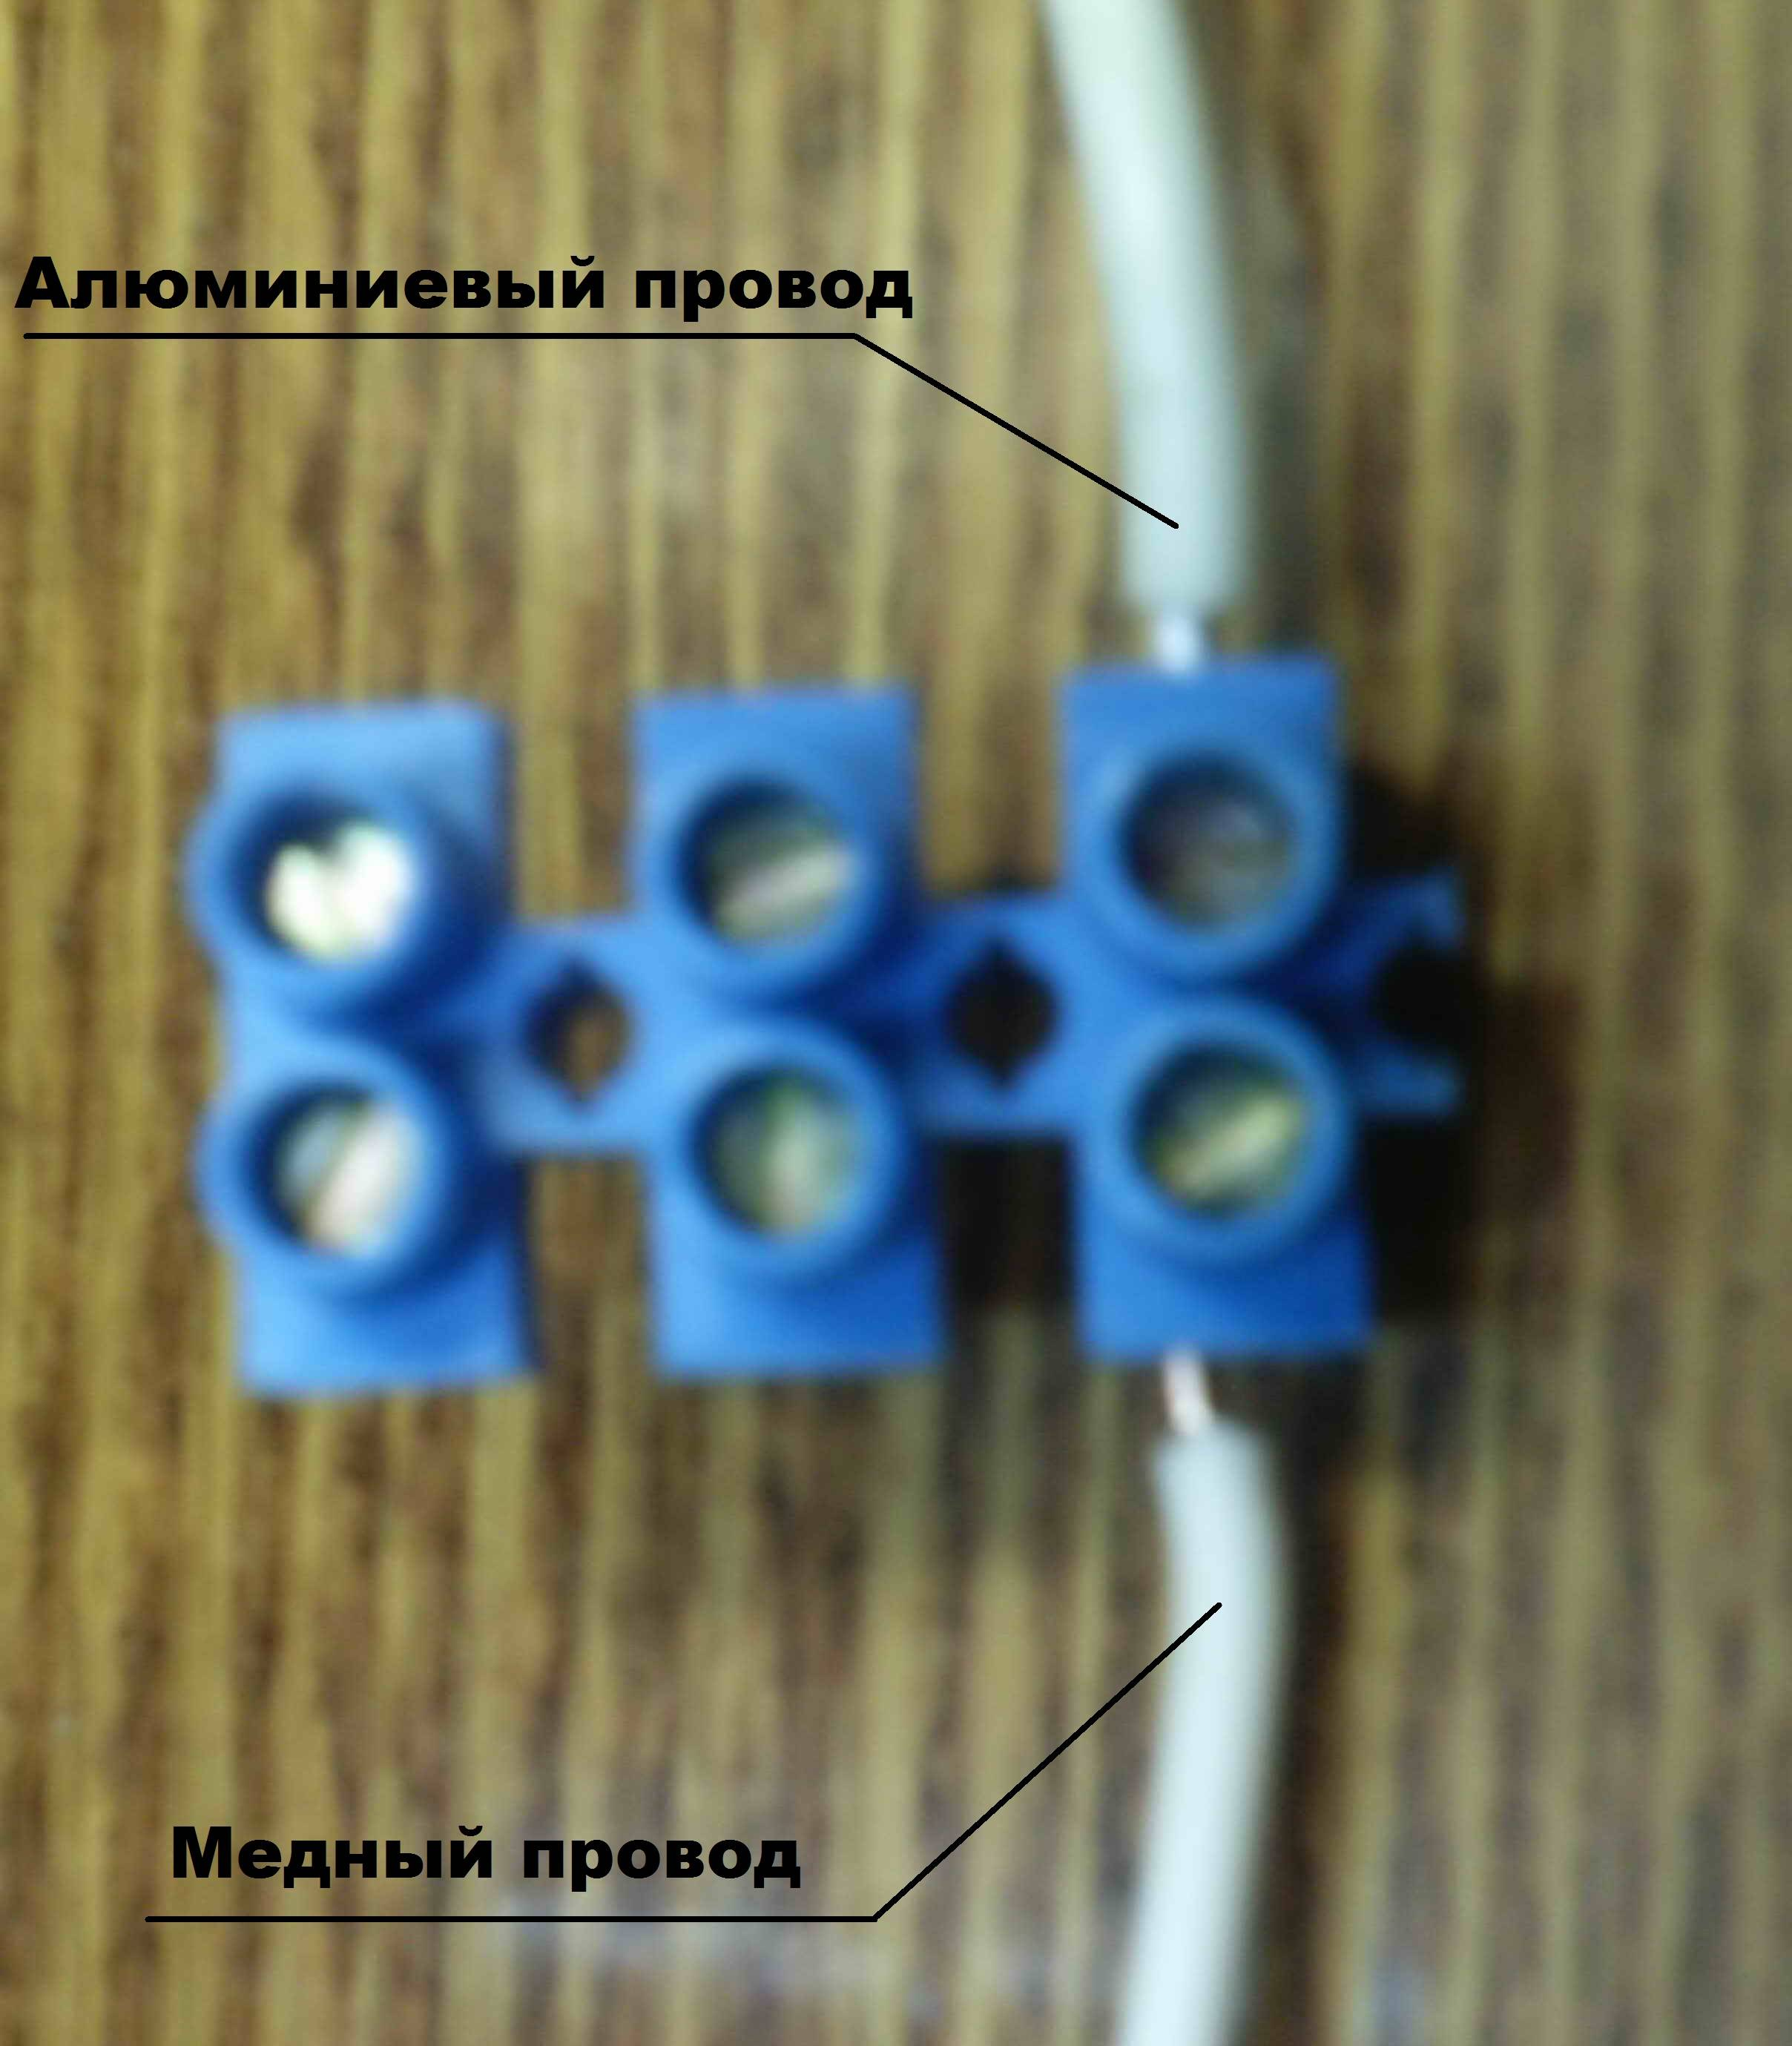 Алюминиевый и медный провод: можно ли соединить провода между собой и как правильно это сделать